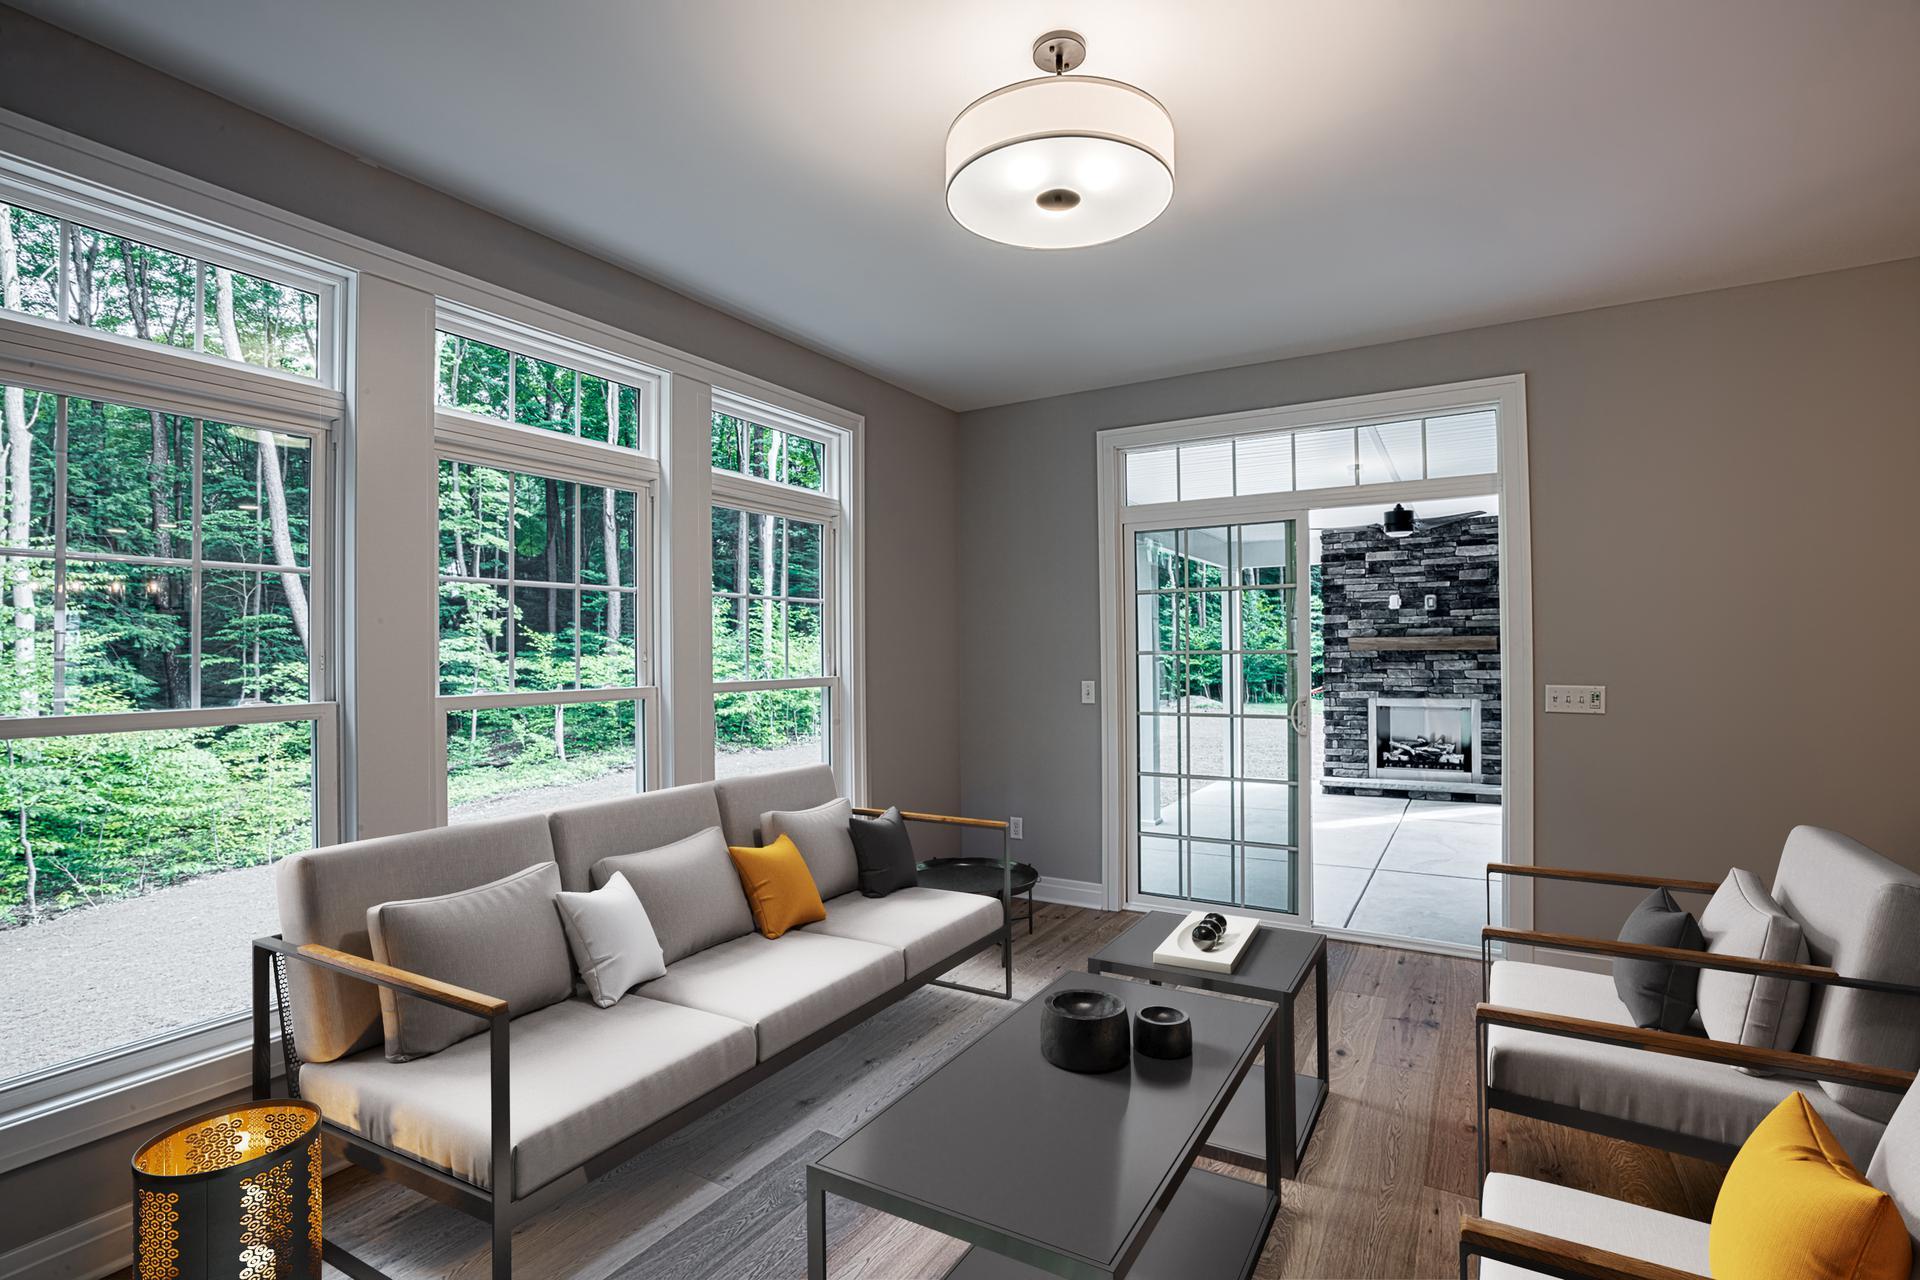 The Newport New Home Floor Plan